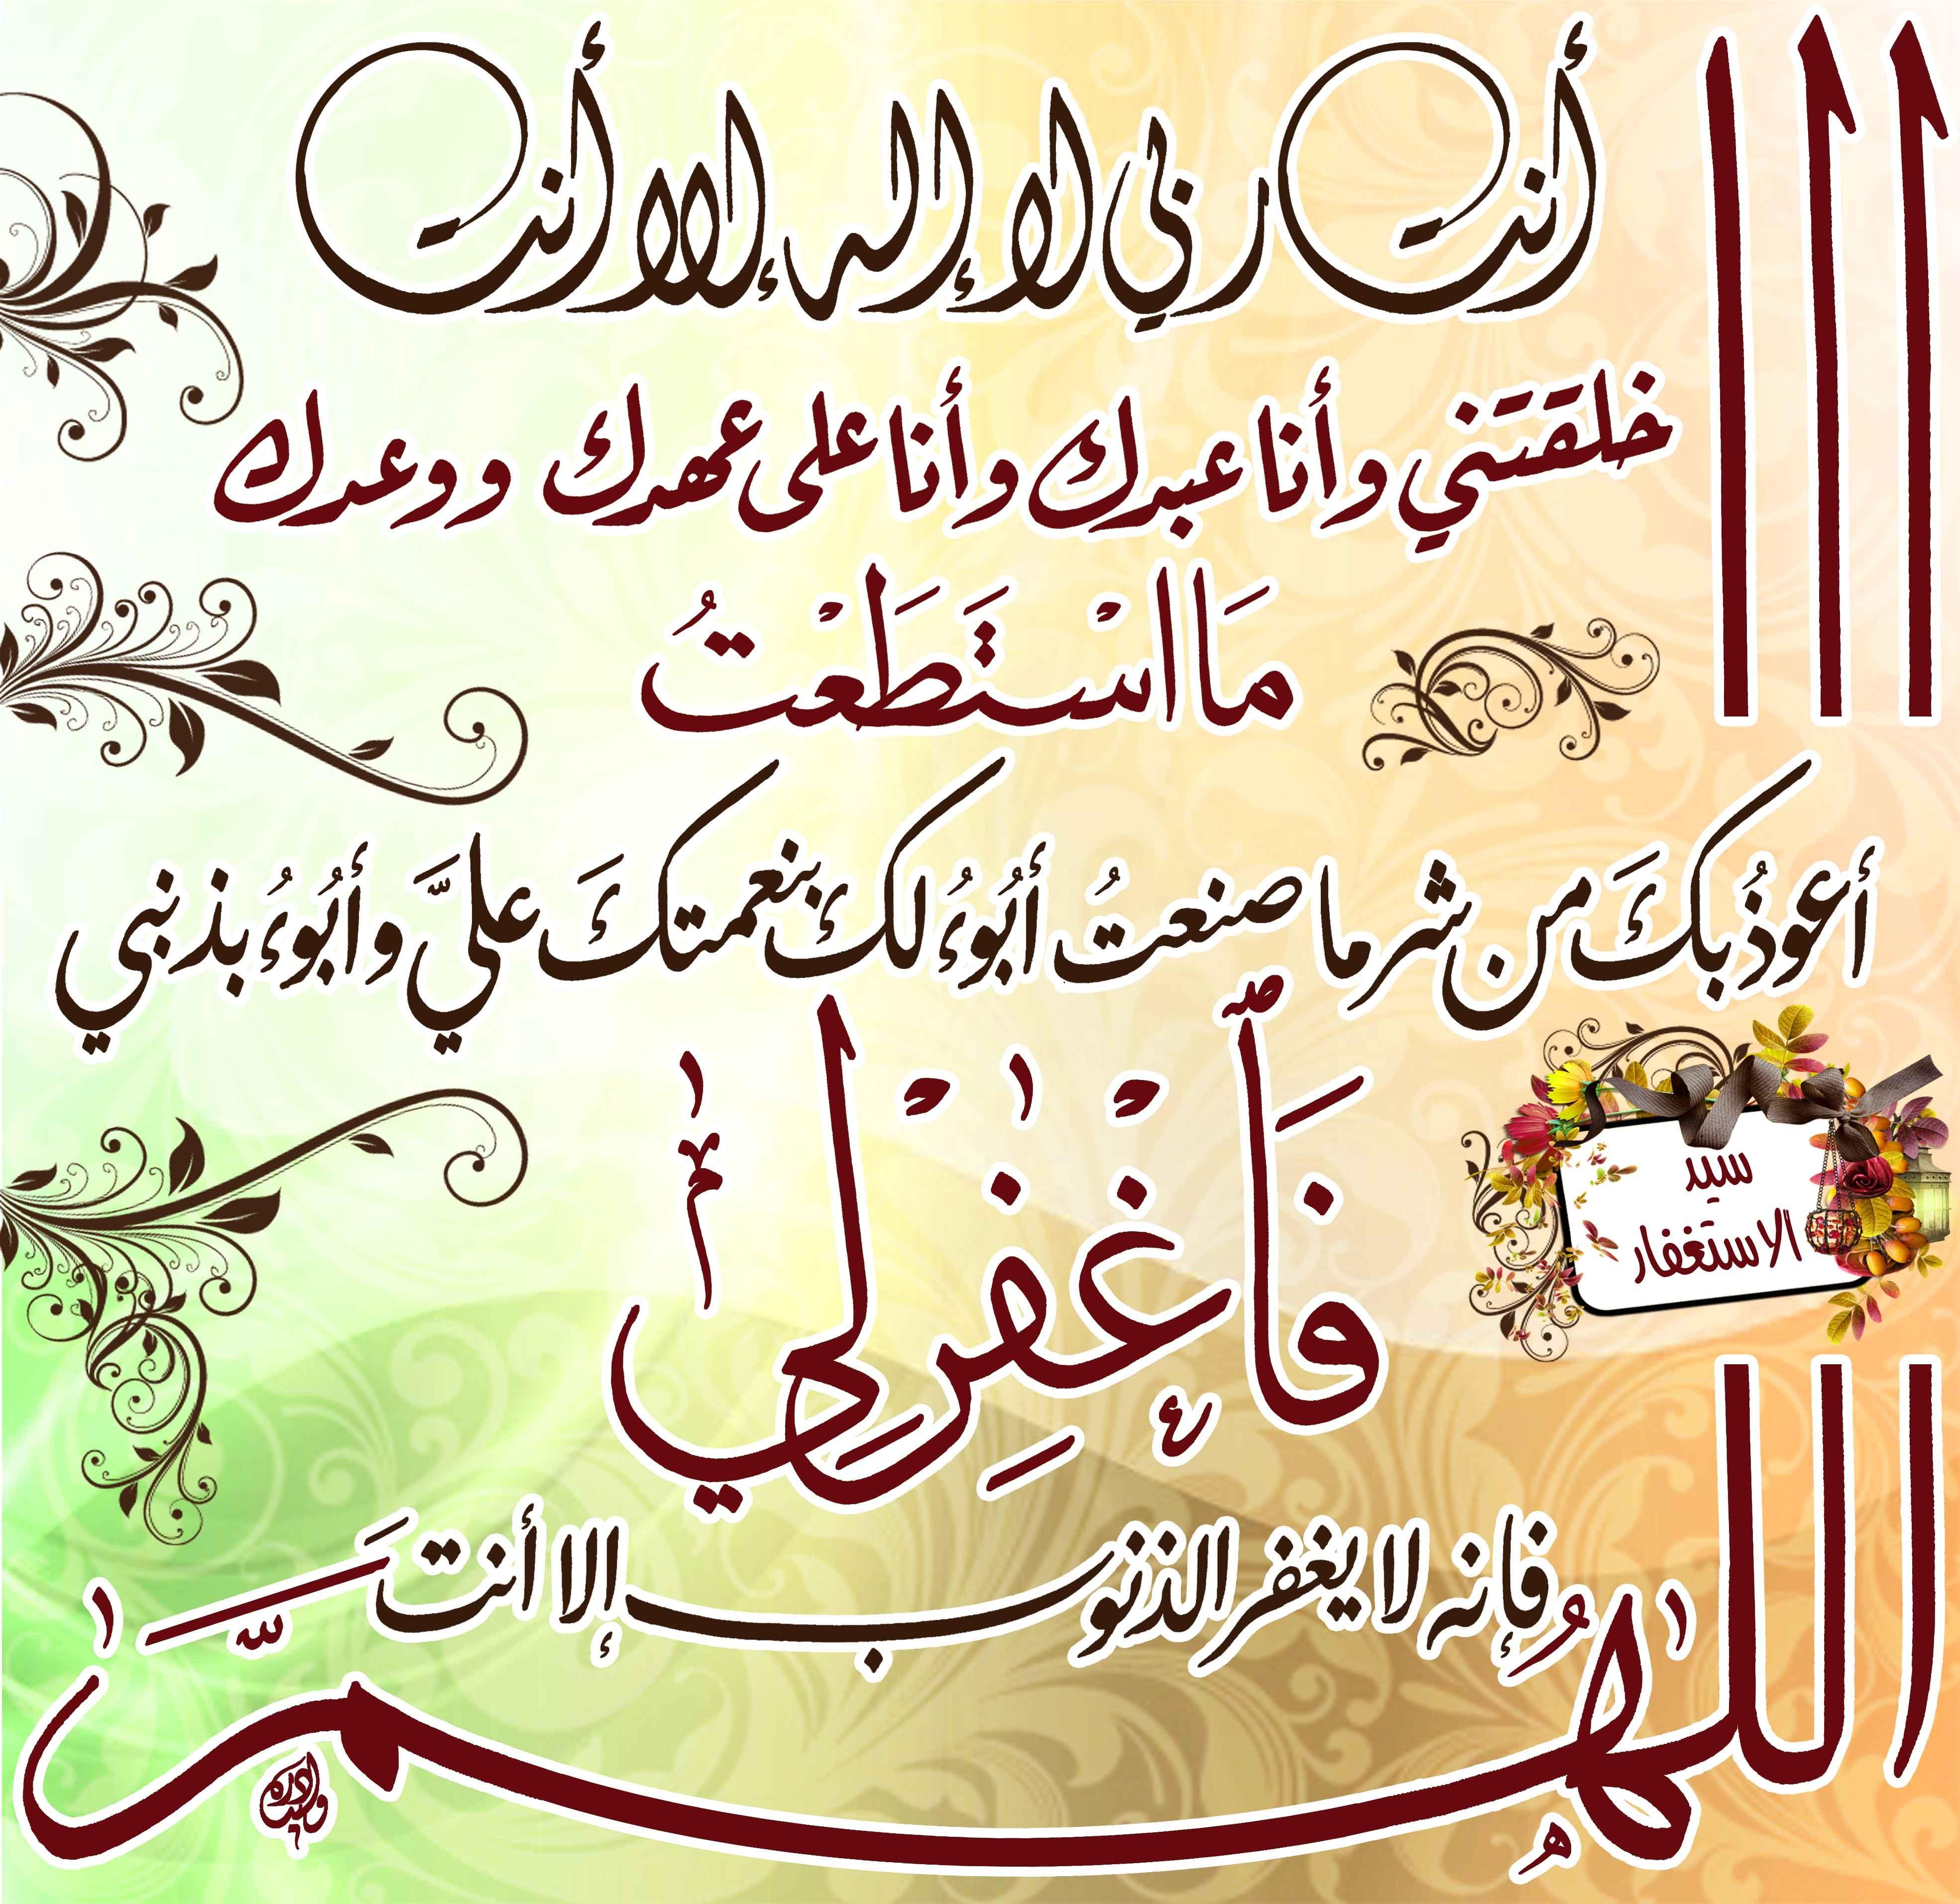 دعاء سيد الاستغفار للخطاط أ وليد دره Calligraphy Arabic Calligraphy Arabic